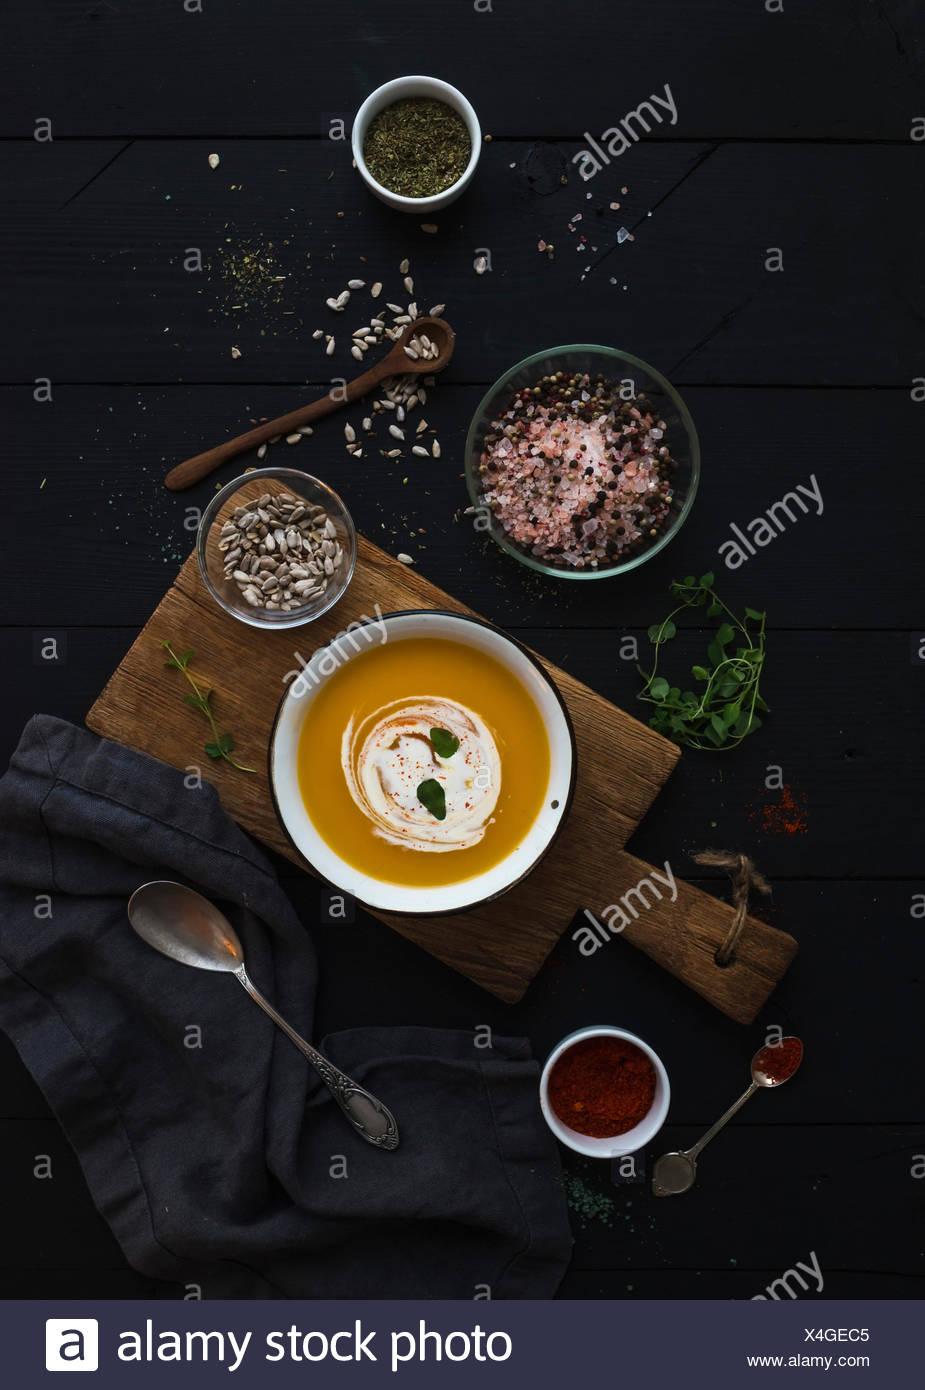 Zuppa di zucca con panna, semi e spezie in stile rustico recipiente di metallo sulla tavola di legno su grunge sfondo nero. Vista superiore Immagini Stock